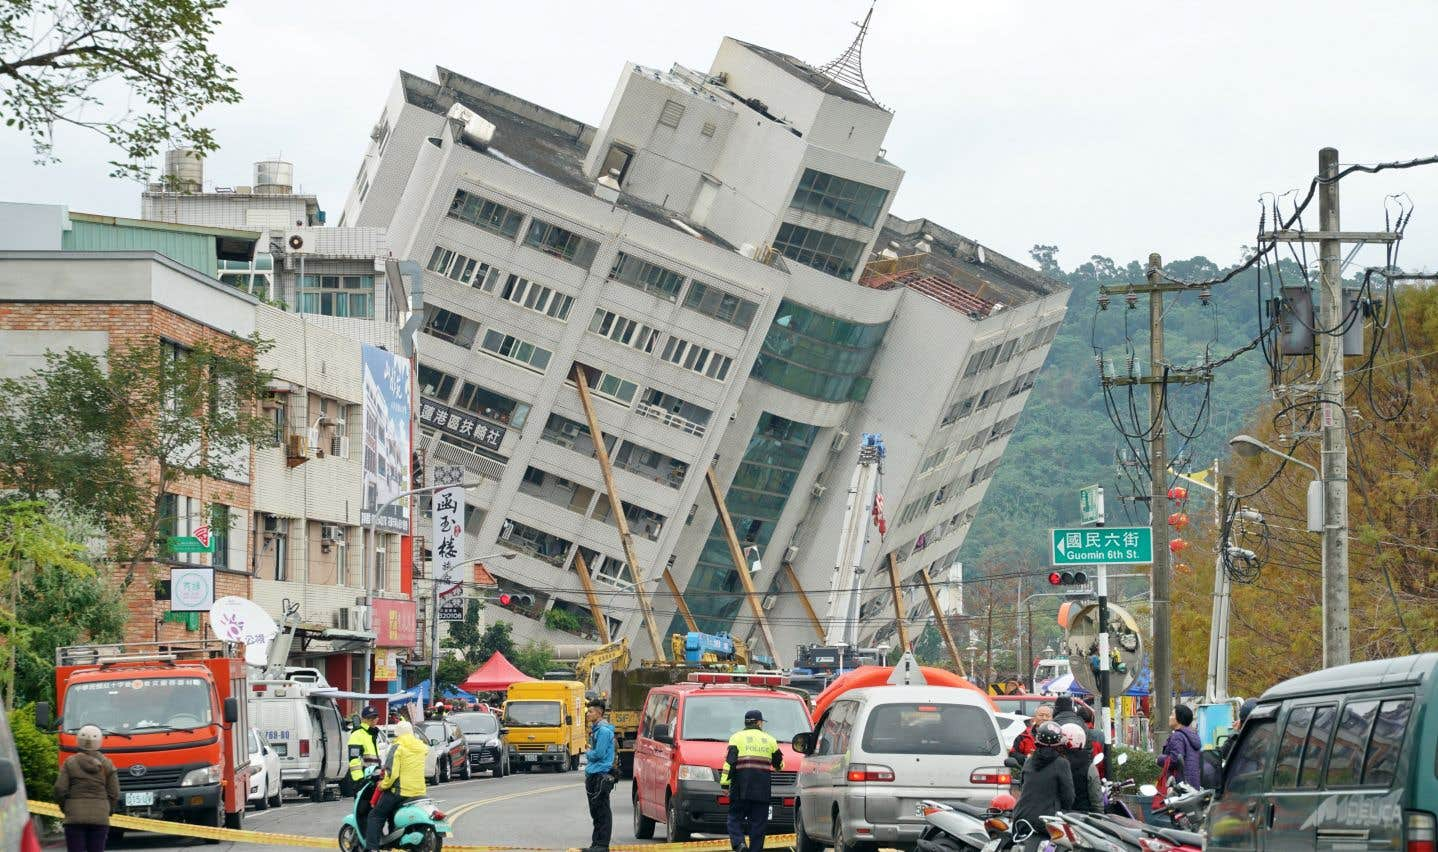 Un complexe résidentielpenchait dangereusement et c'est là que les secouristes ont longtemps concentré leurs efforts.